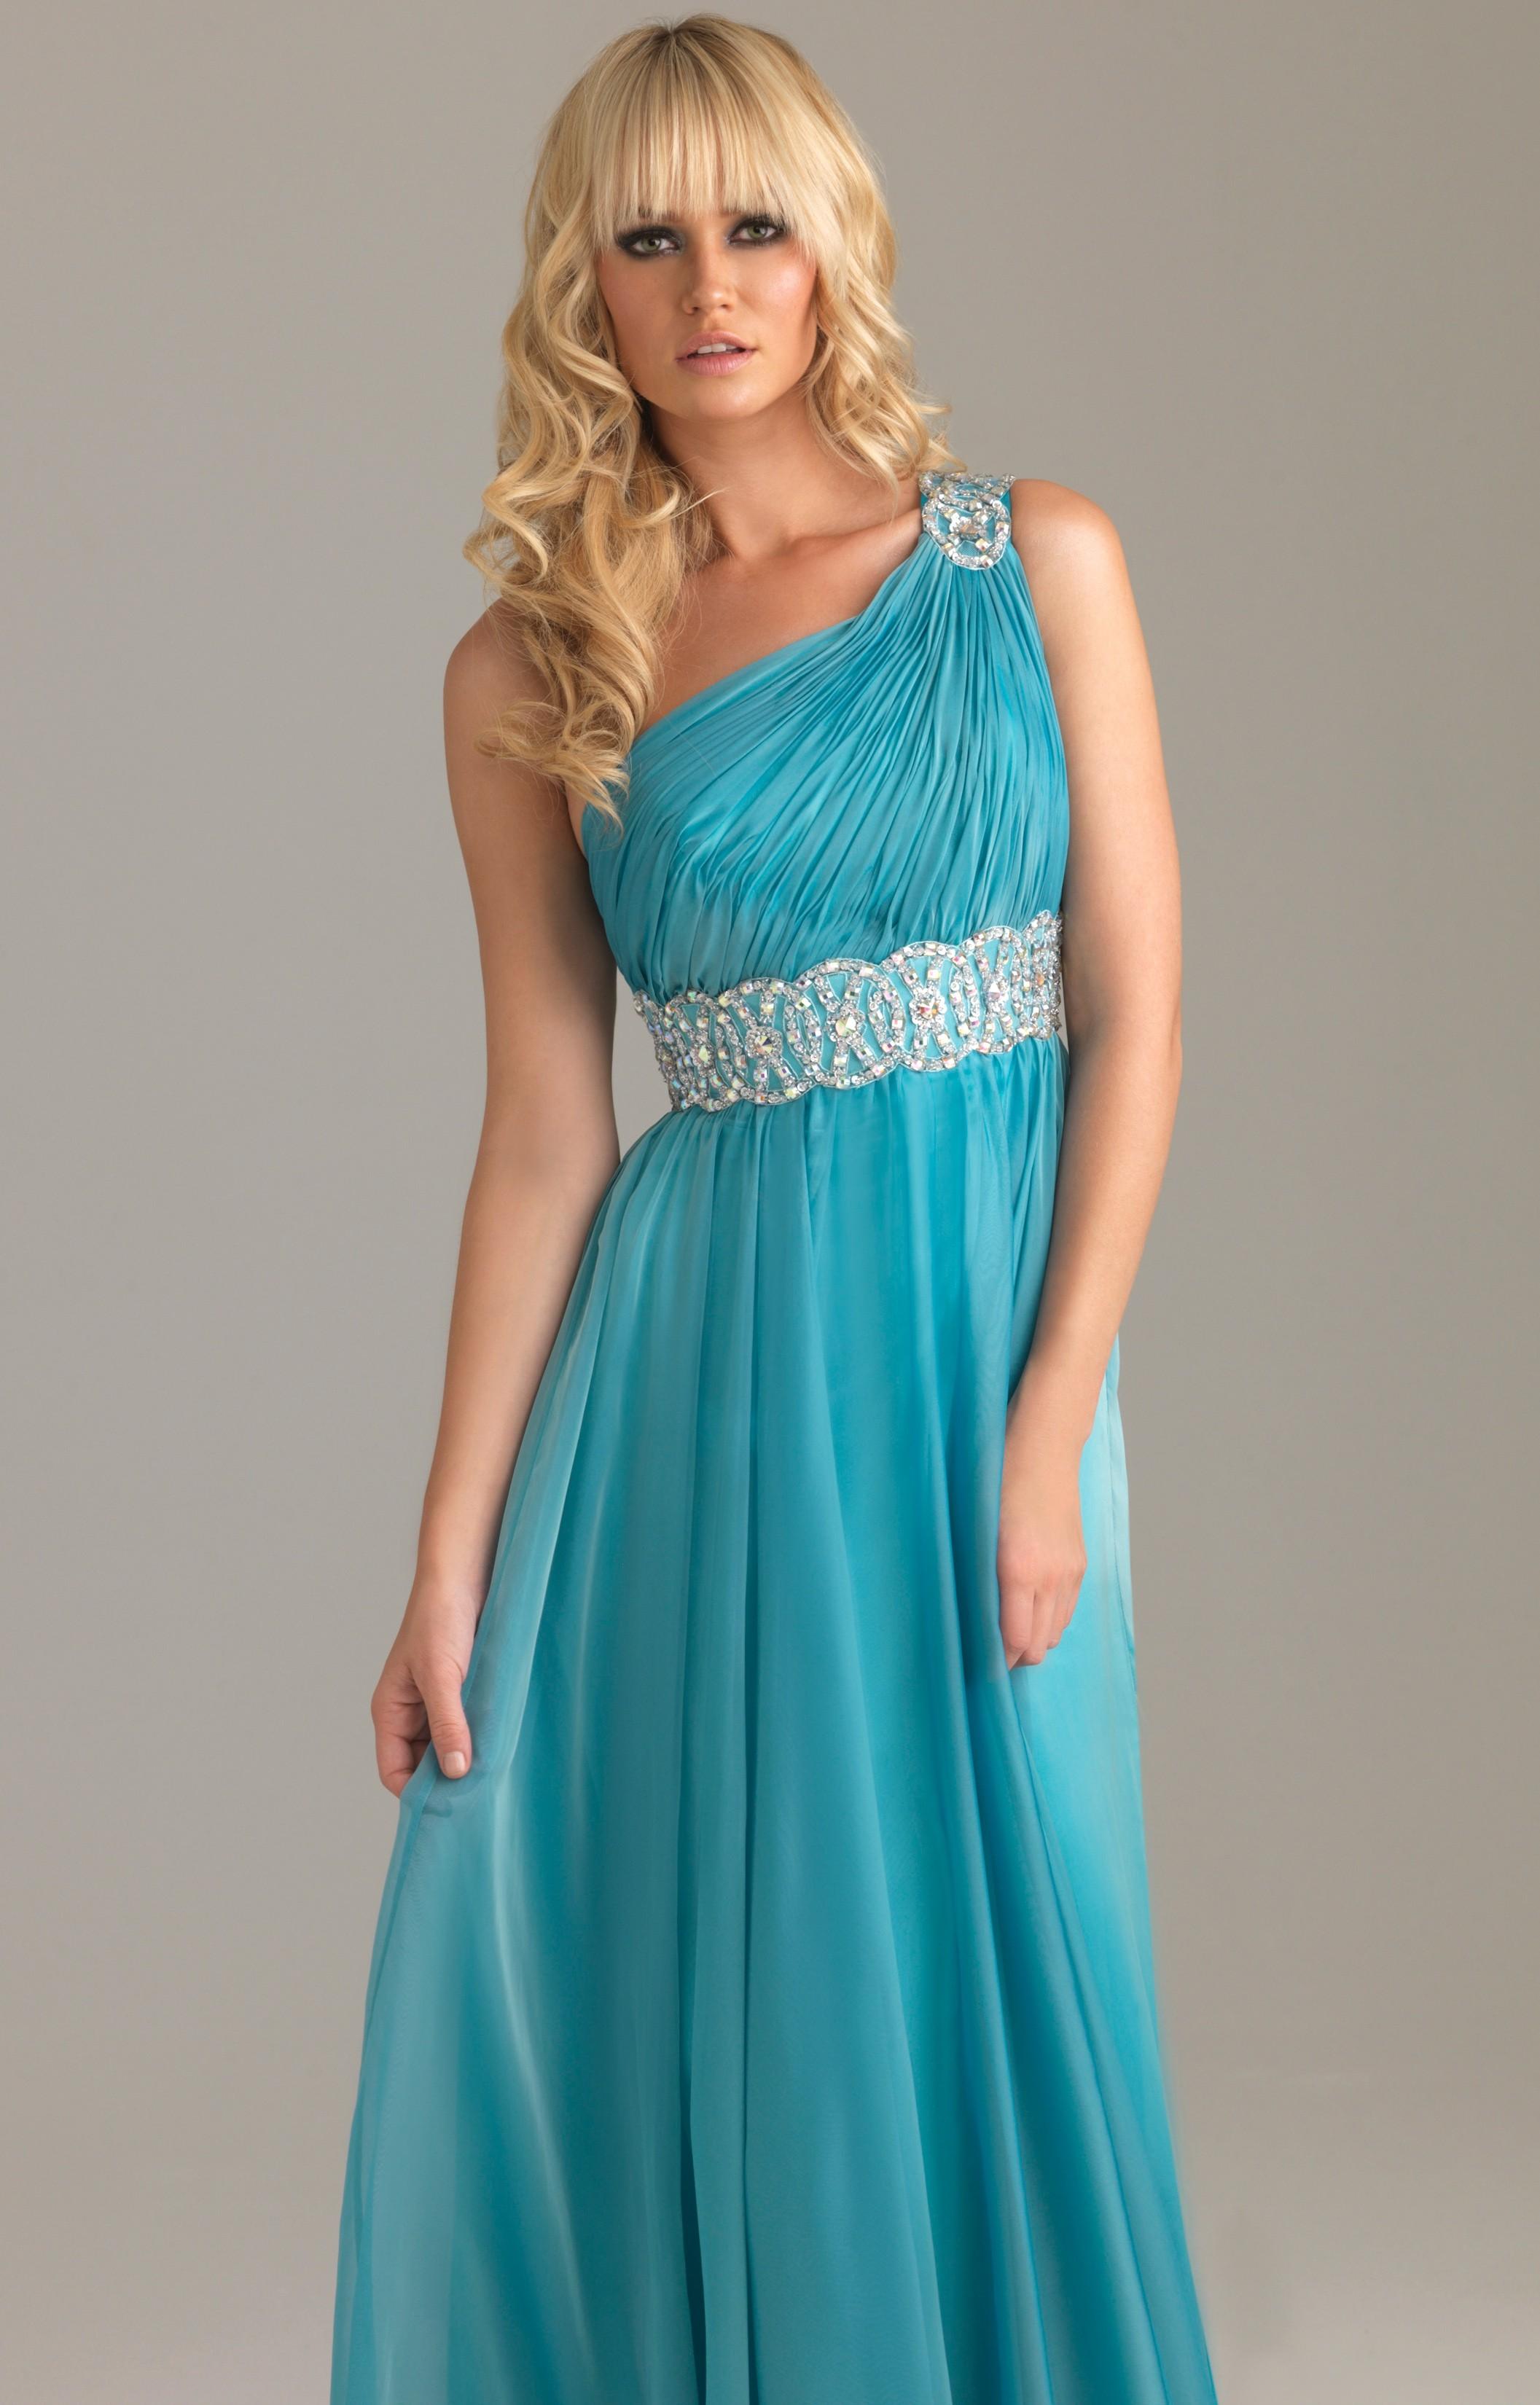 Výprodej společenských šatů - plesové šaty levně a rychle ... e1522e41285